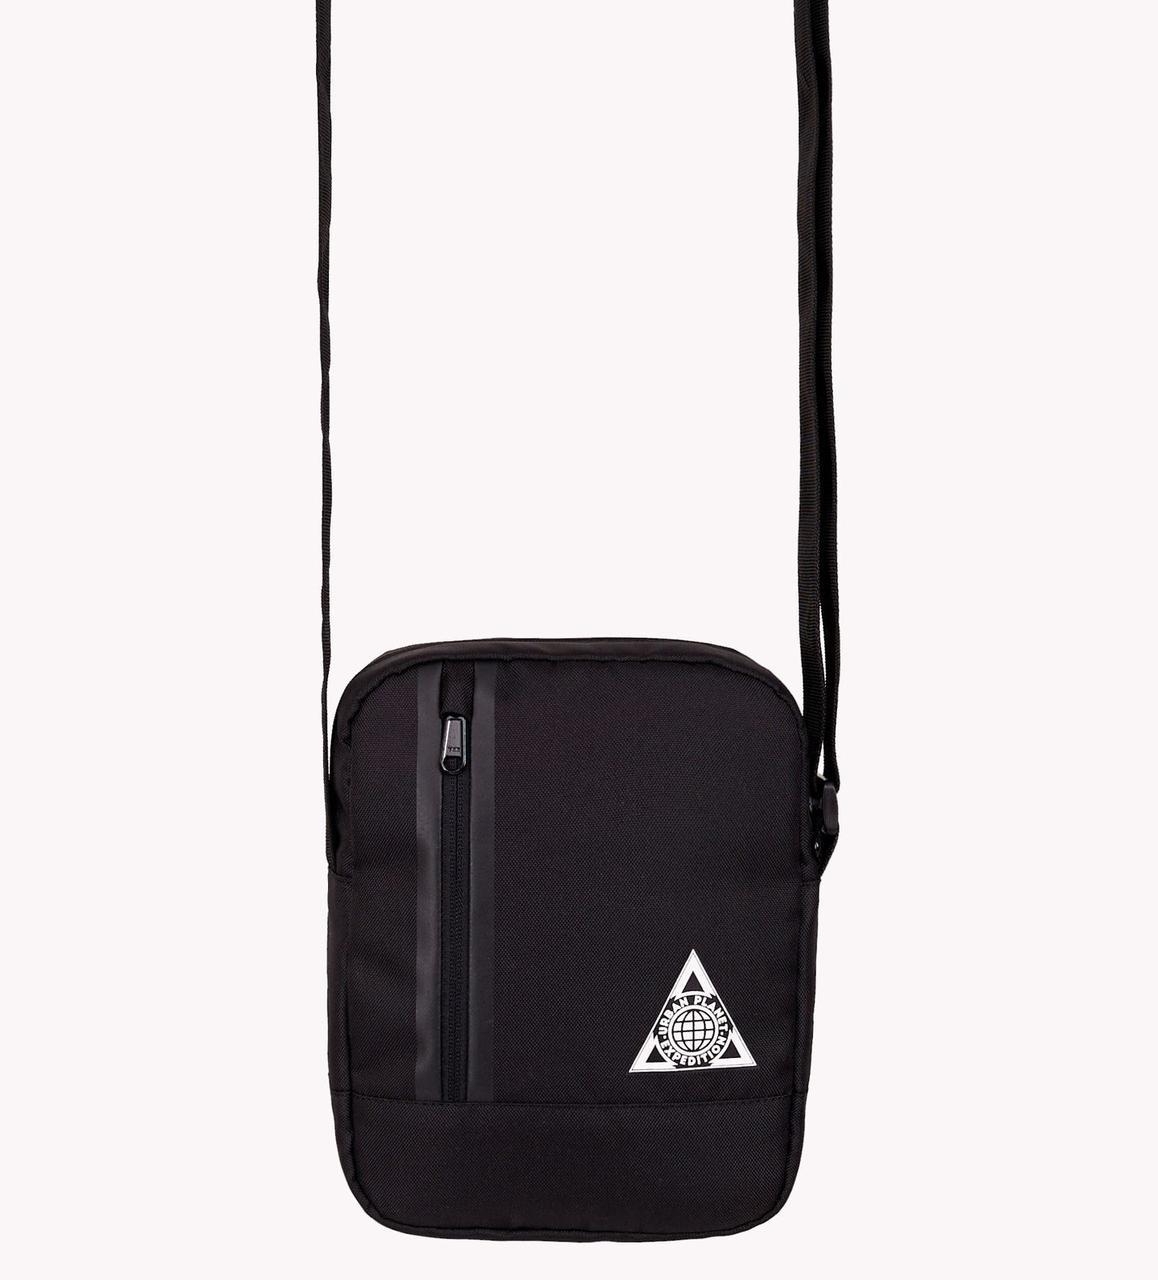 c8668ef0077c Мужская черная сумка через плечо Urban Planet M5 BLACK - интернет-магазин